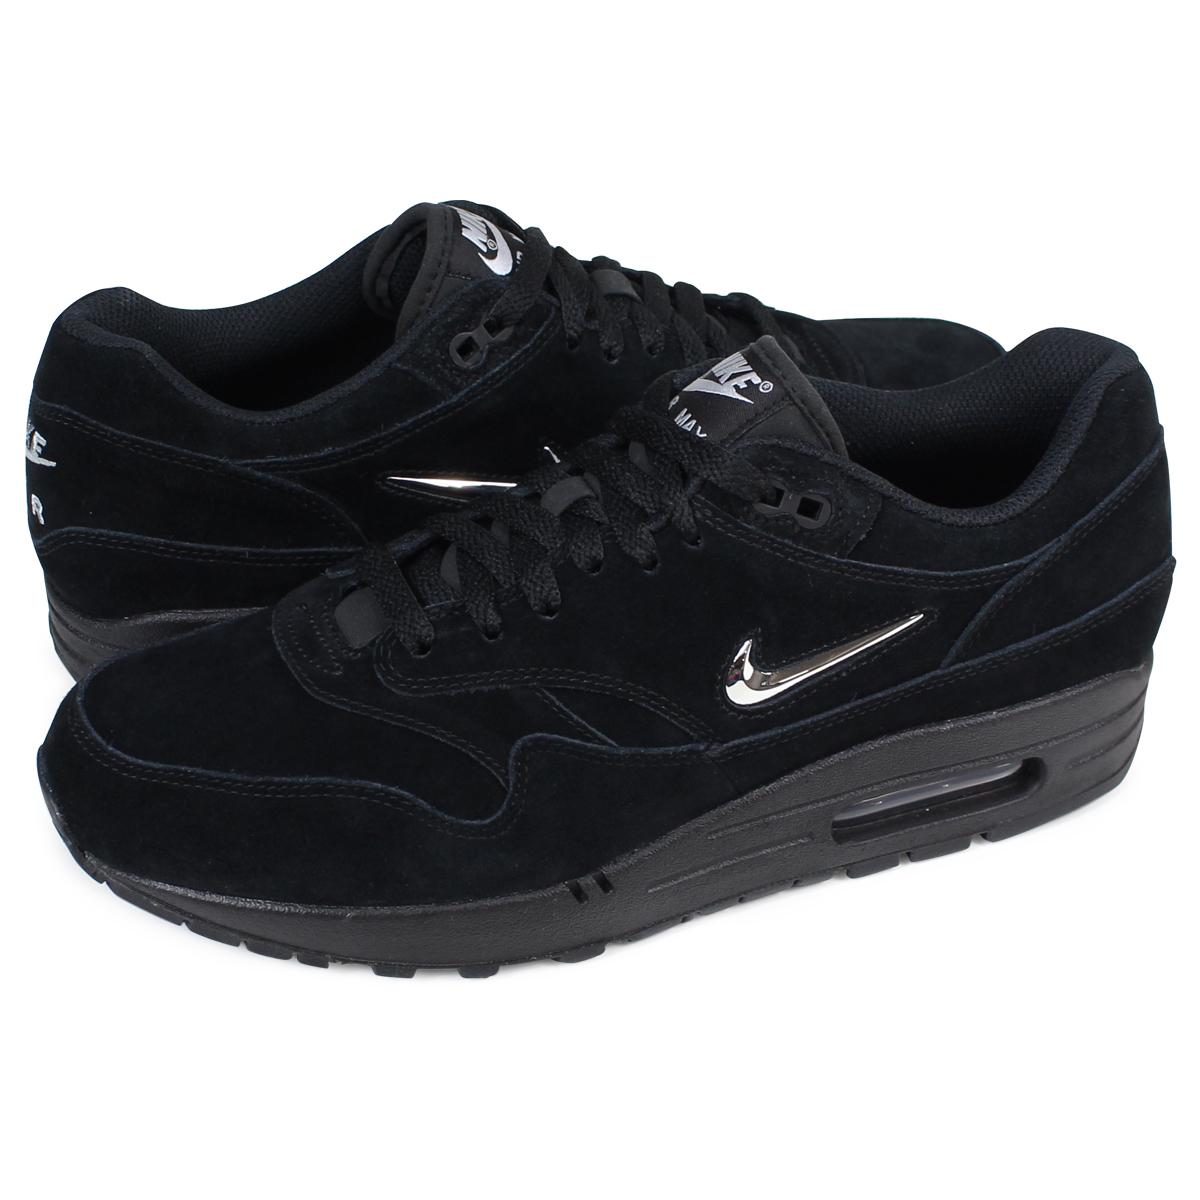 NIKE AIR MAX 1 PREMIUM SC Kie Ney AMAX 1 premium sneakers 918,354 005 men's shoes black [19 Shinnyu load] [1801]